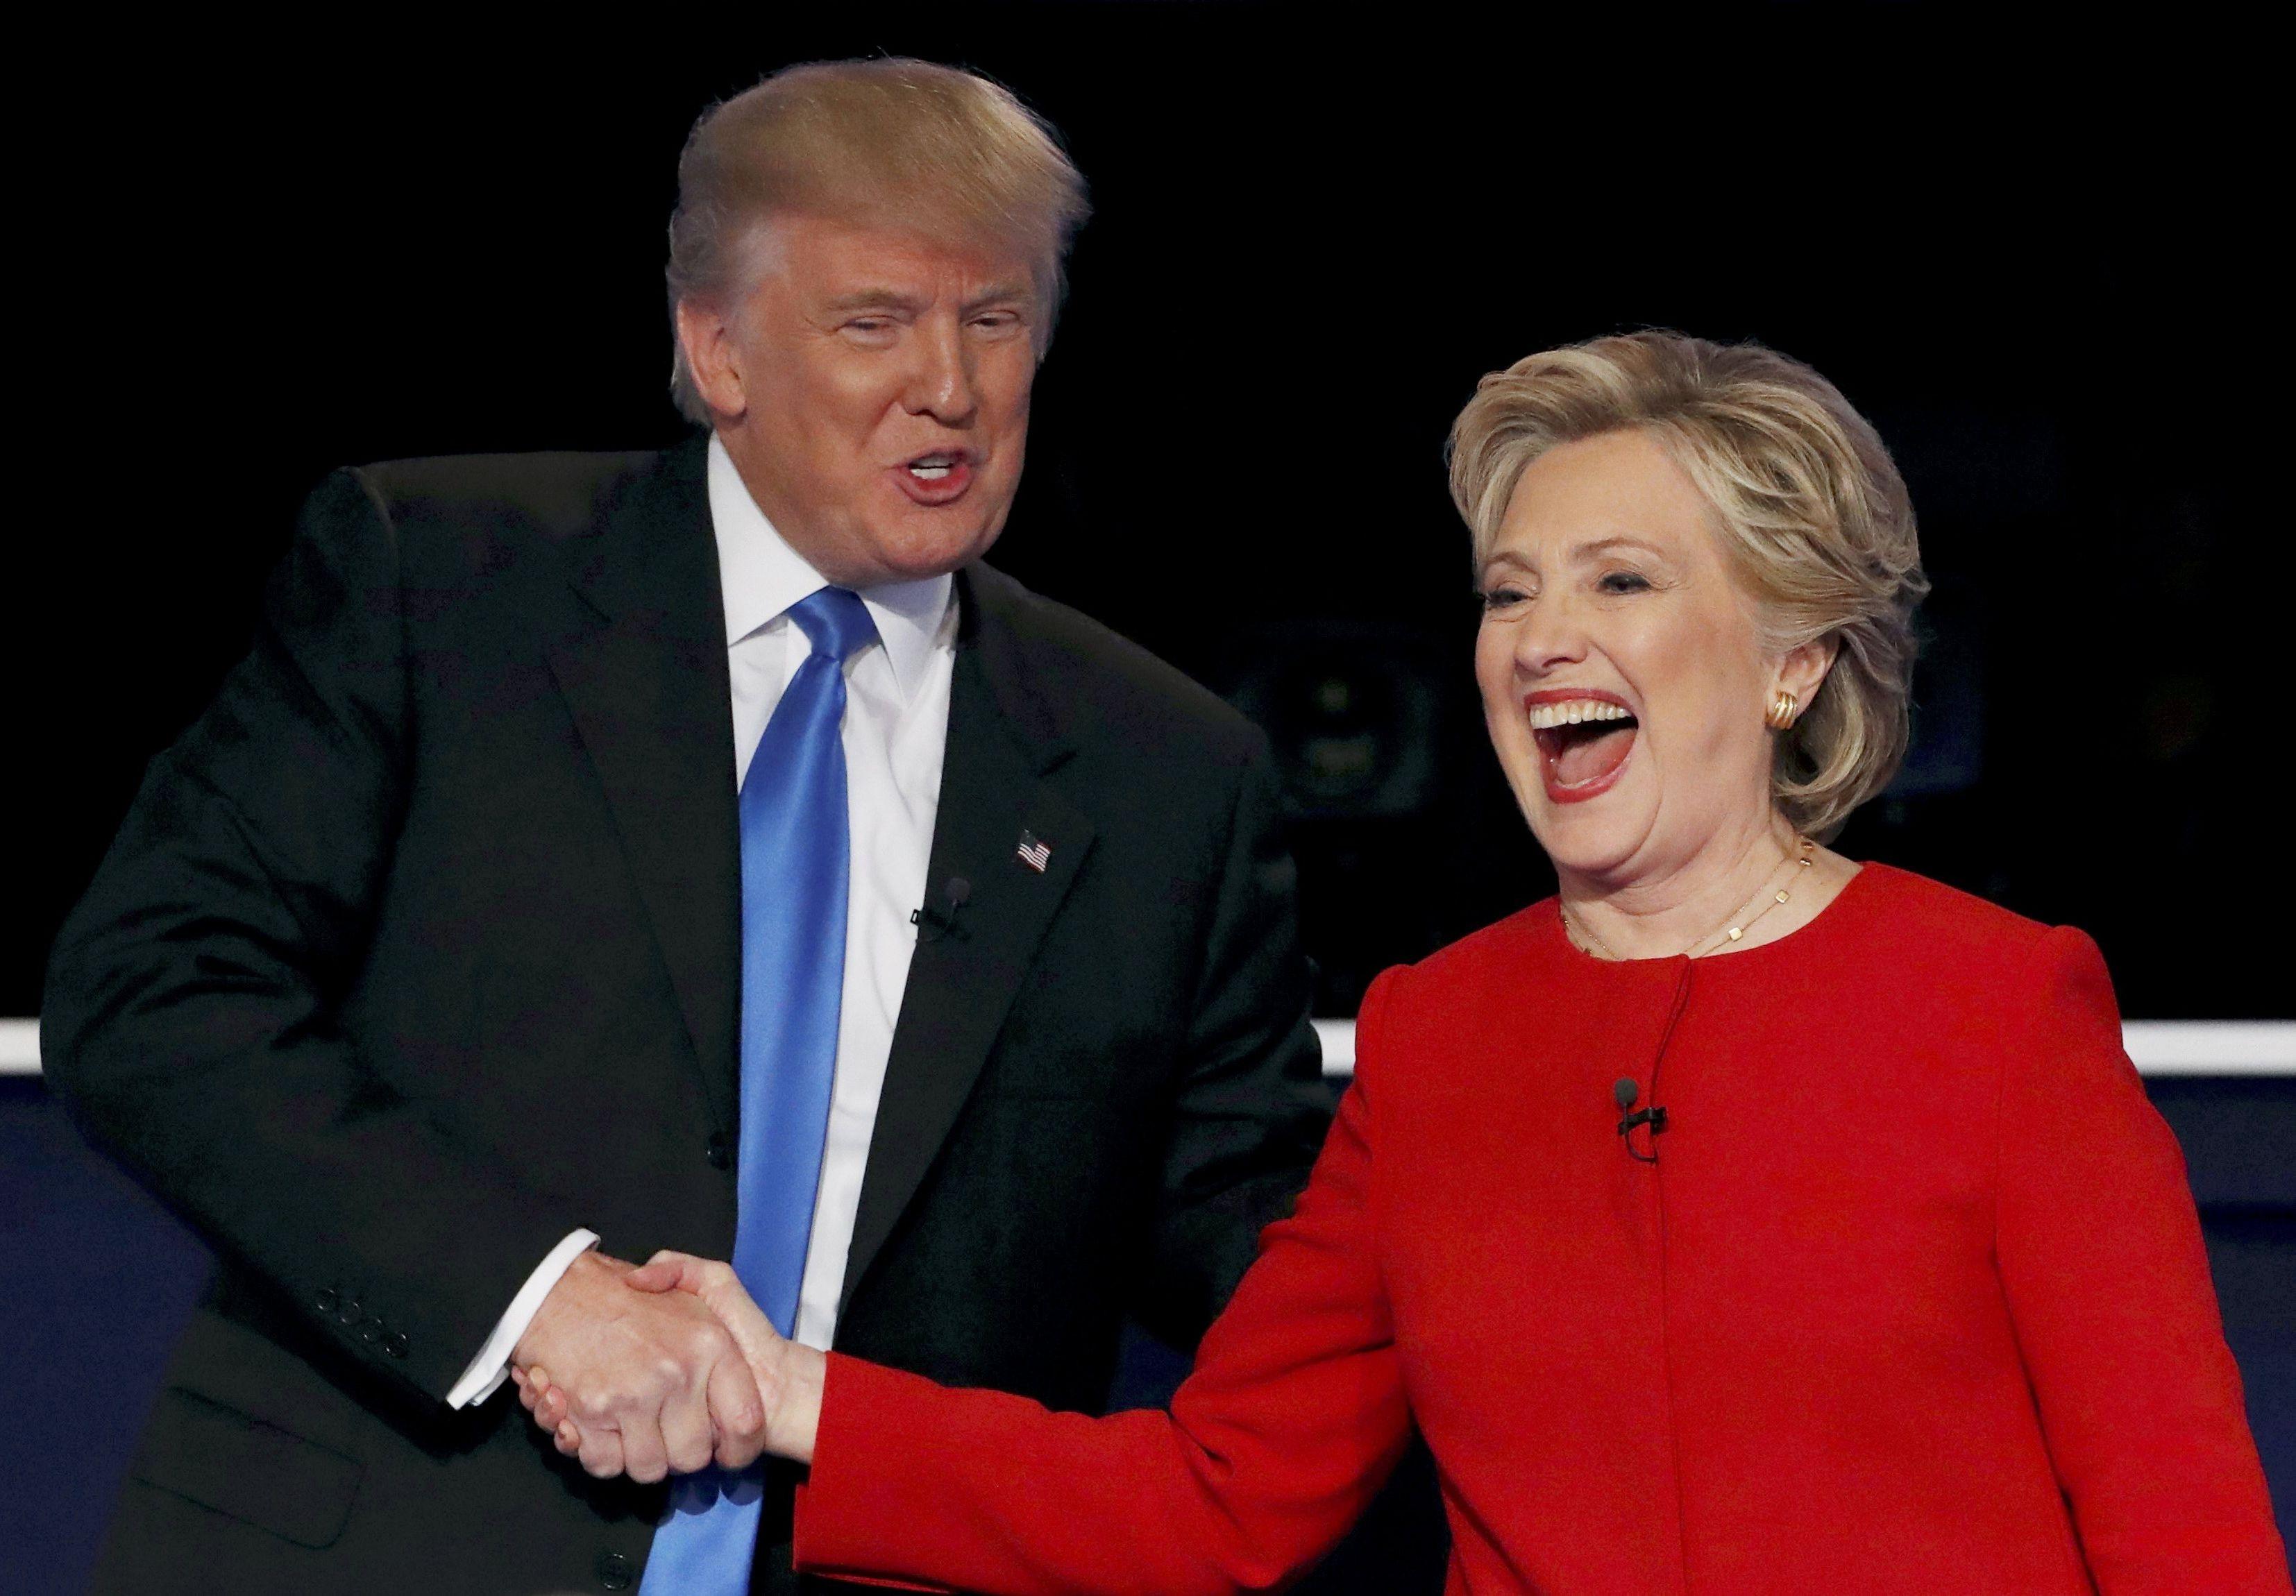 Presidenciável republicano Donald Trump (à esquerda) junto com a presidenciável democrata Hillary Clinton (à direita).